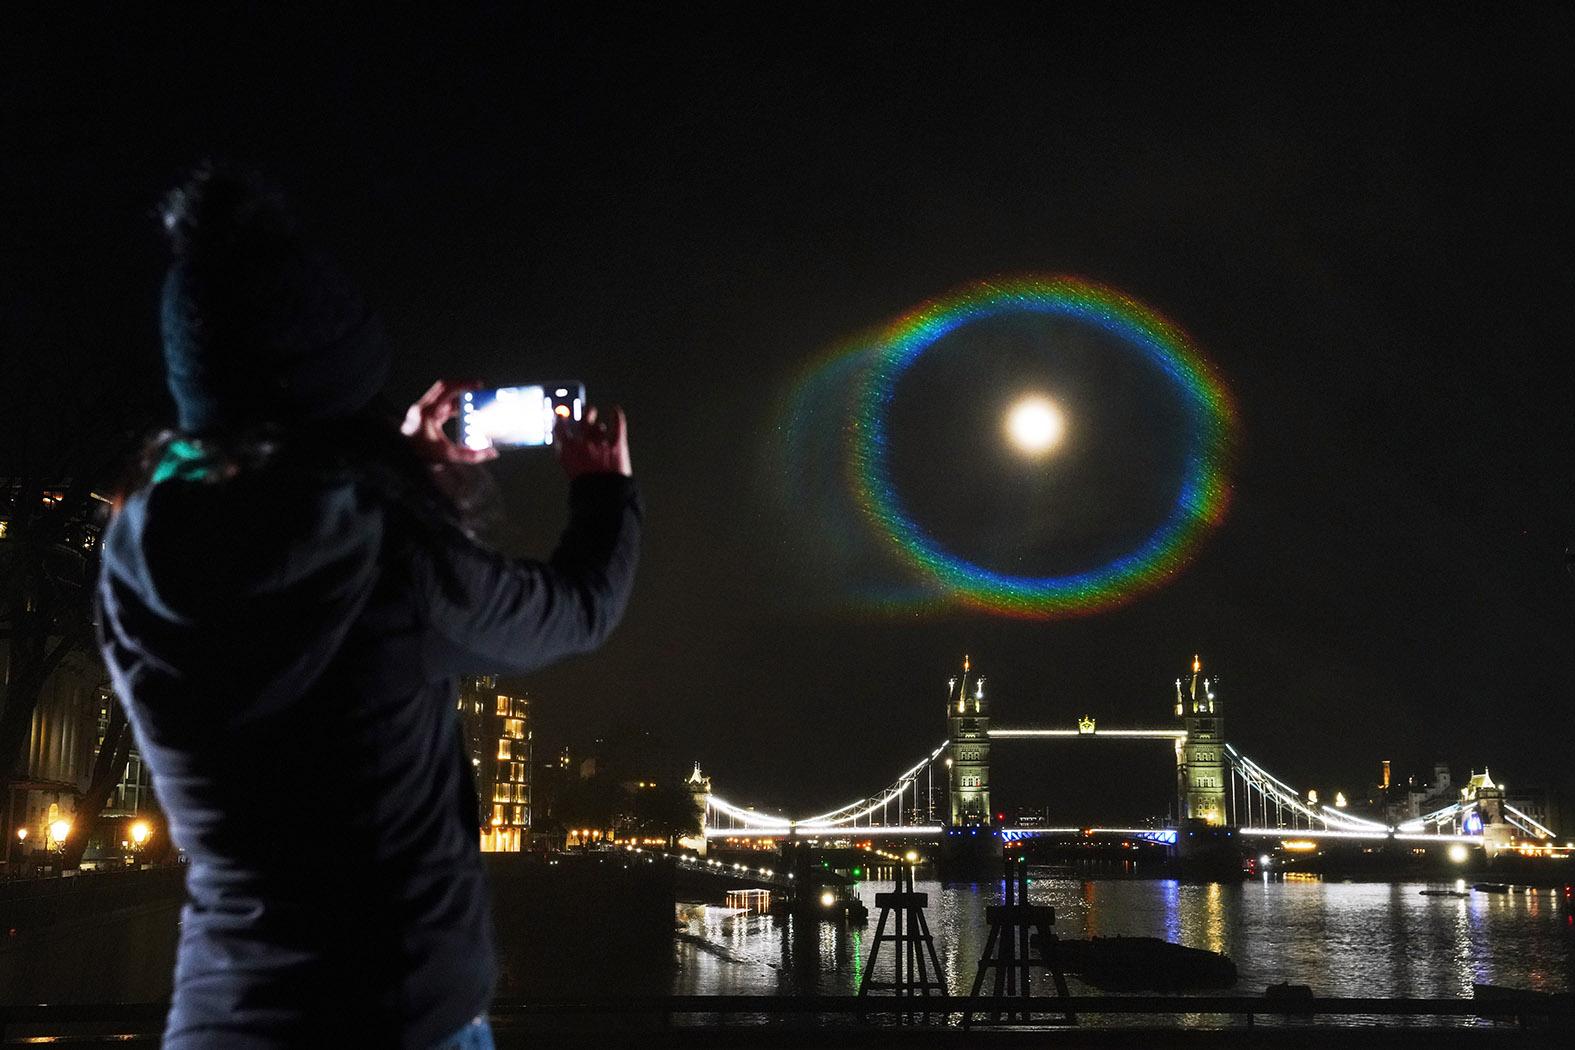 Ein Mondregenbogen (engl. Moonbow) über London, das ist ein seltenes Mondscheinphänomen, das von OnePlus für die OnePlus 9 Serie nachgebildet und gemeinsam mit Hasselblad (den Machern der Kamera, die das erste Bild auf dem Mond aufgenommen hat) entwickelt wurde. Die Installation wurde entwickelt, um die Echtfarben-Fähigkeiten des Handsets zu präsentieren, und ist der Startschuss für die True-Colour-Kampagne von OnePlus. (c) OnePlus